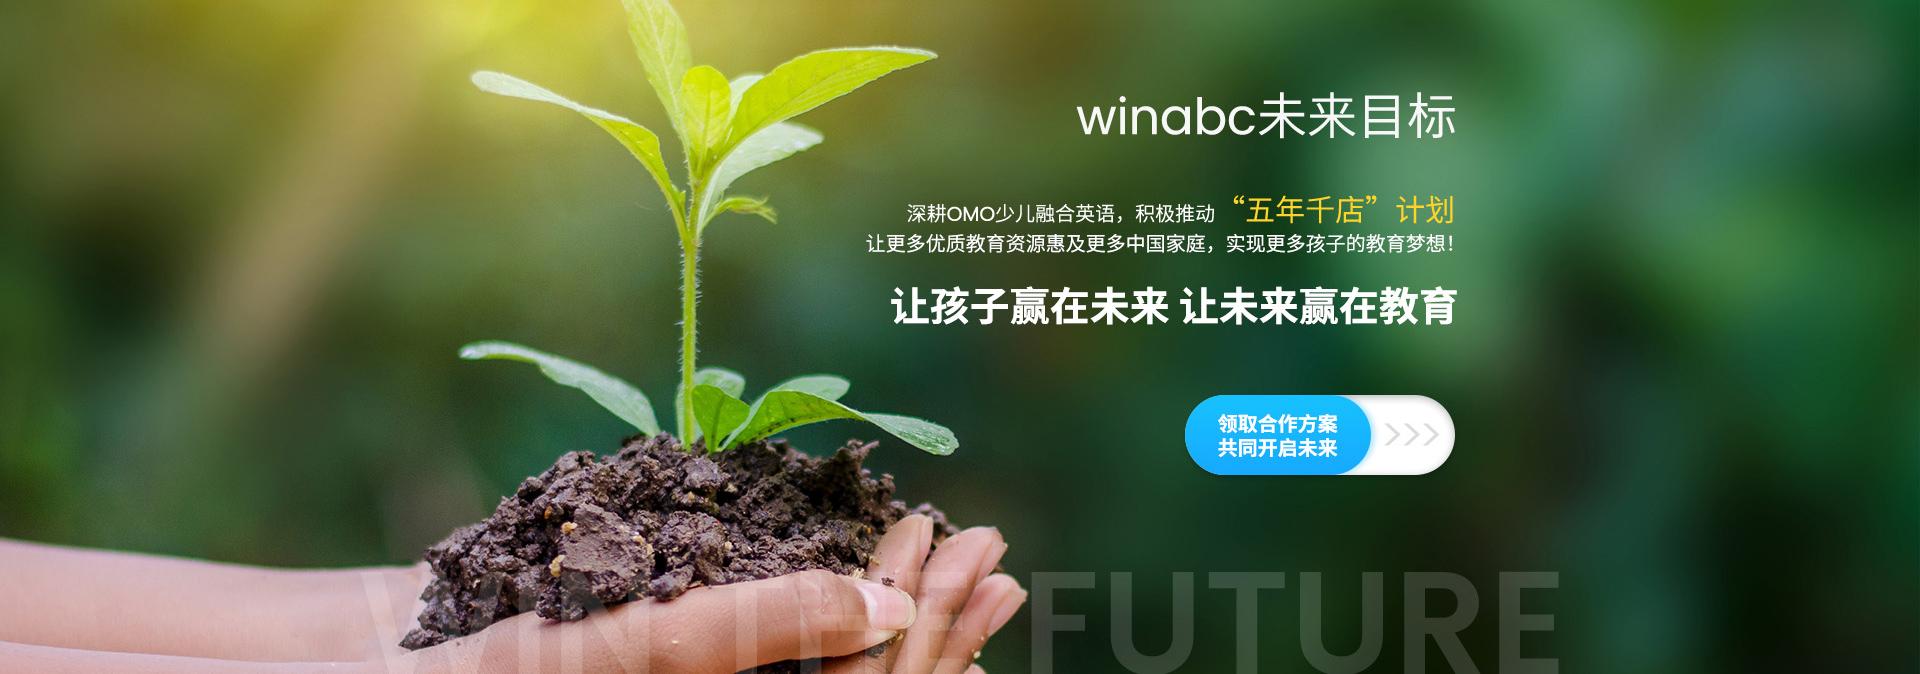 WinABC少兒融合英語winabc_13